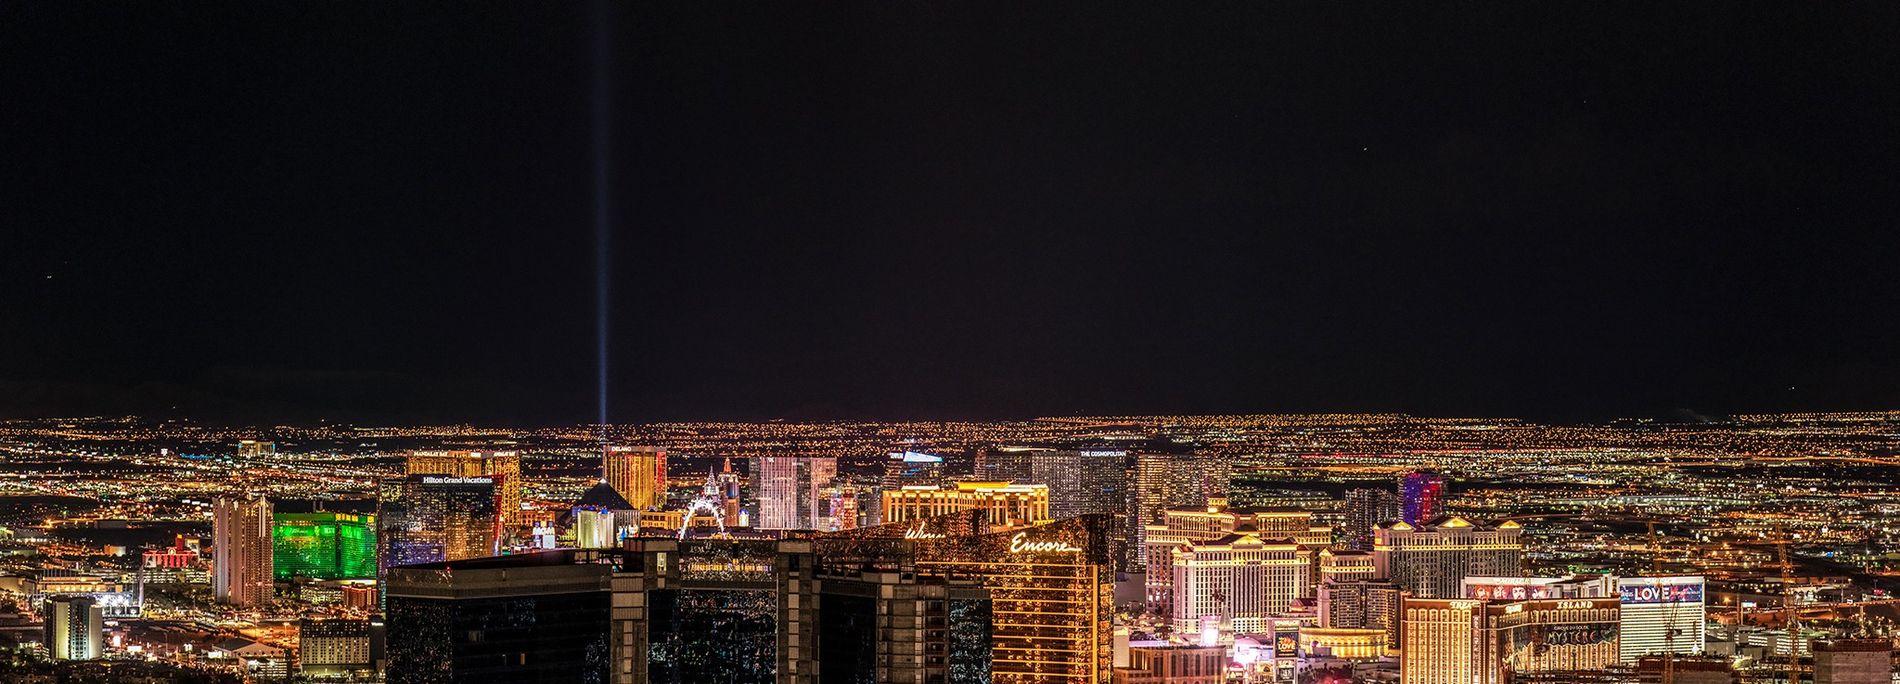 La ciudad de Las Vegas arroja una enorme cantidad de luz a su entorno, convirtiendo el ...